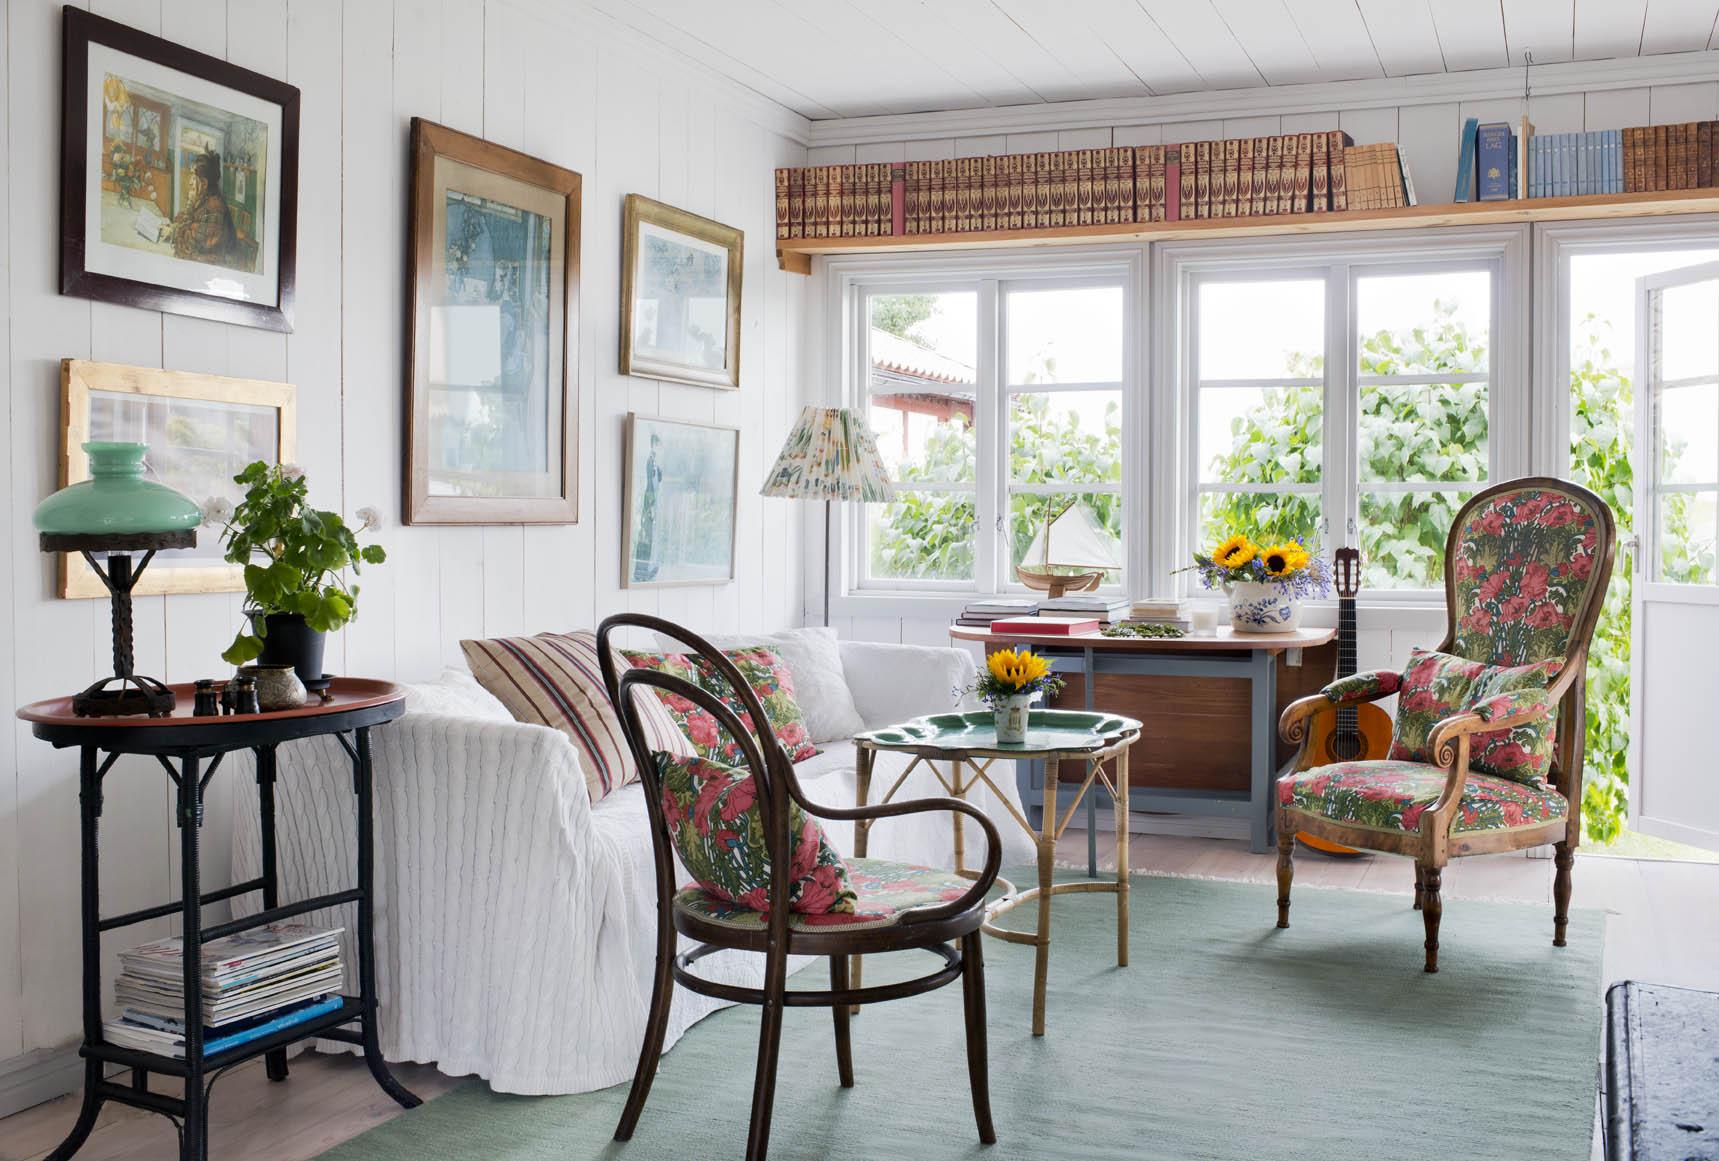 Allrummet är placerad i ett av husets äldsta delar. Väggen pryds med affischer med Carl Larssonmotiv som paret köpt på nationalmuseum.